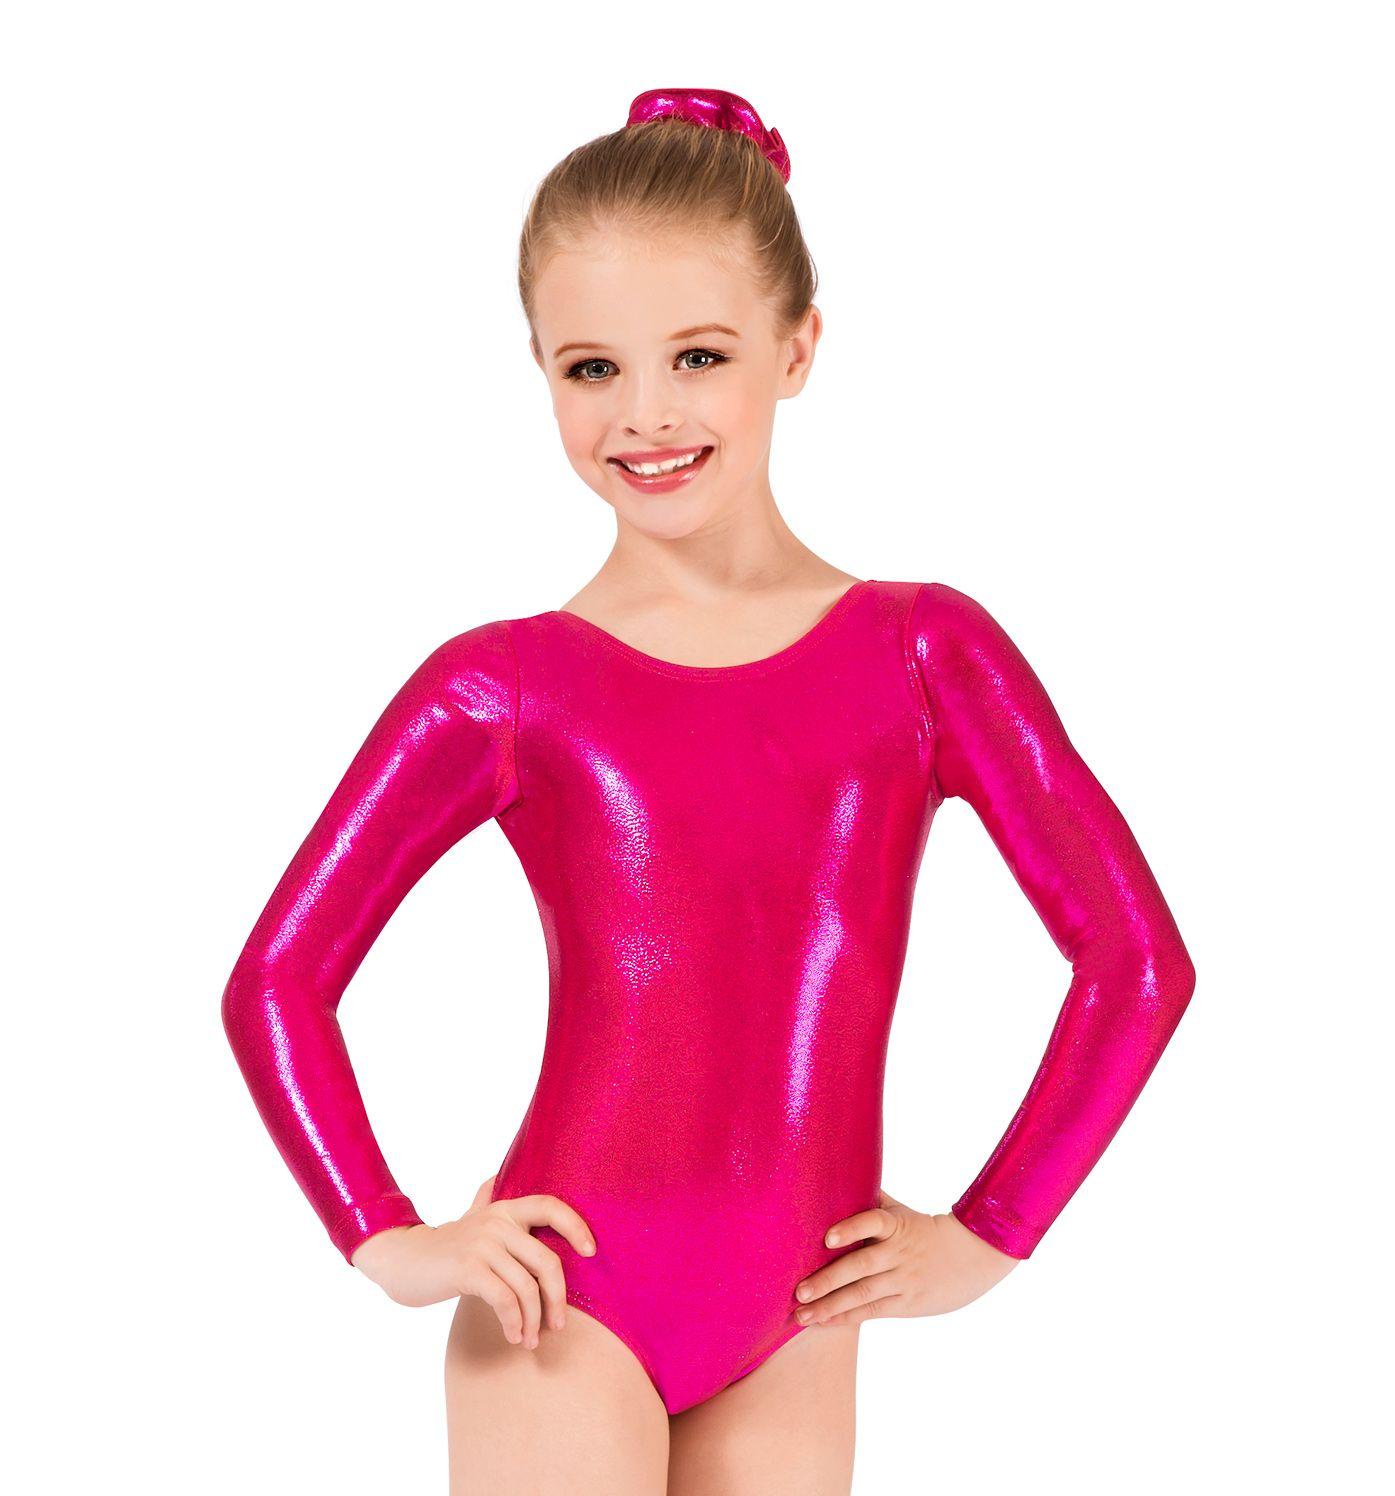 leotards for gymnastics kids  former dancer  pinterest